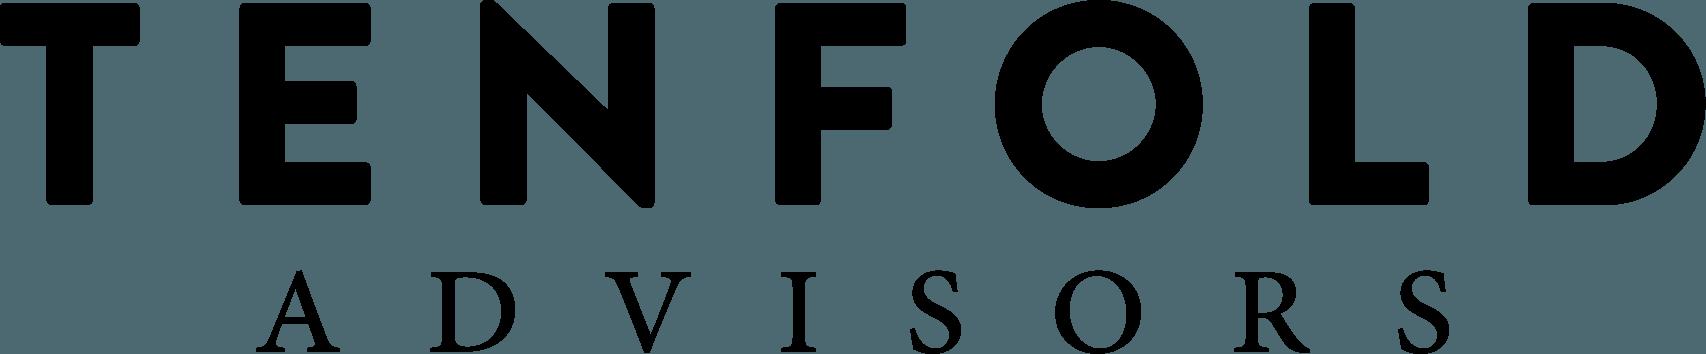 Tenfold Advisors Logo